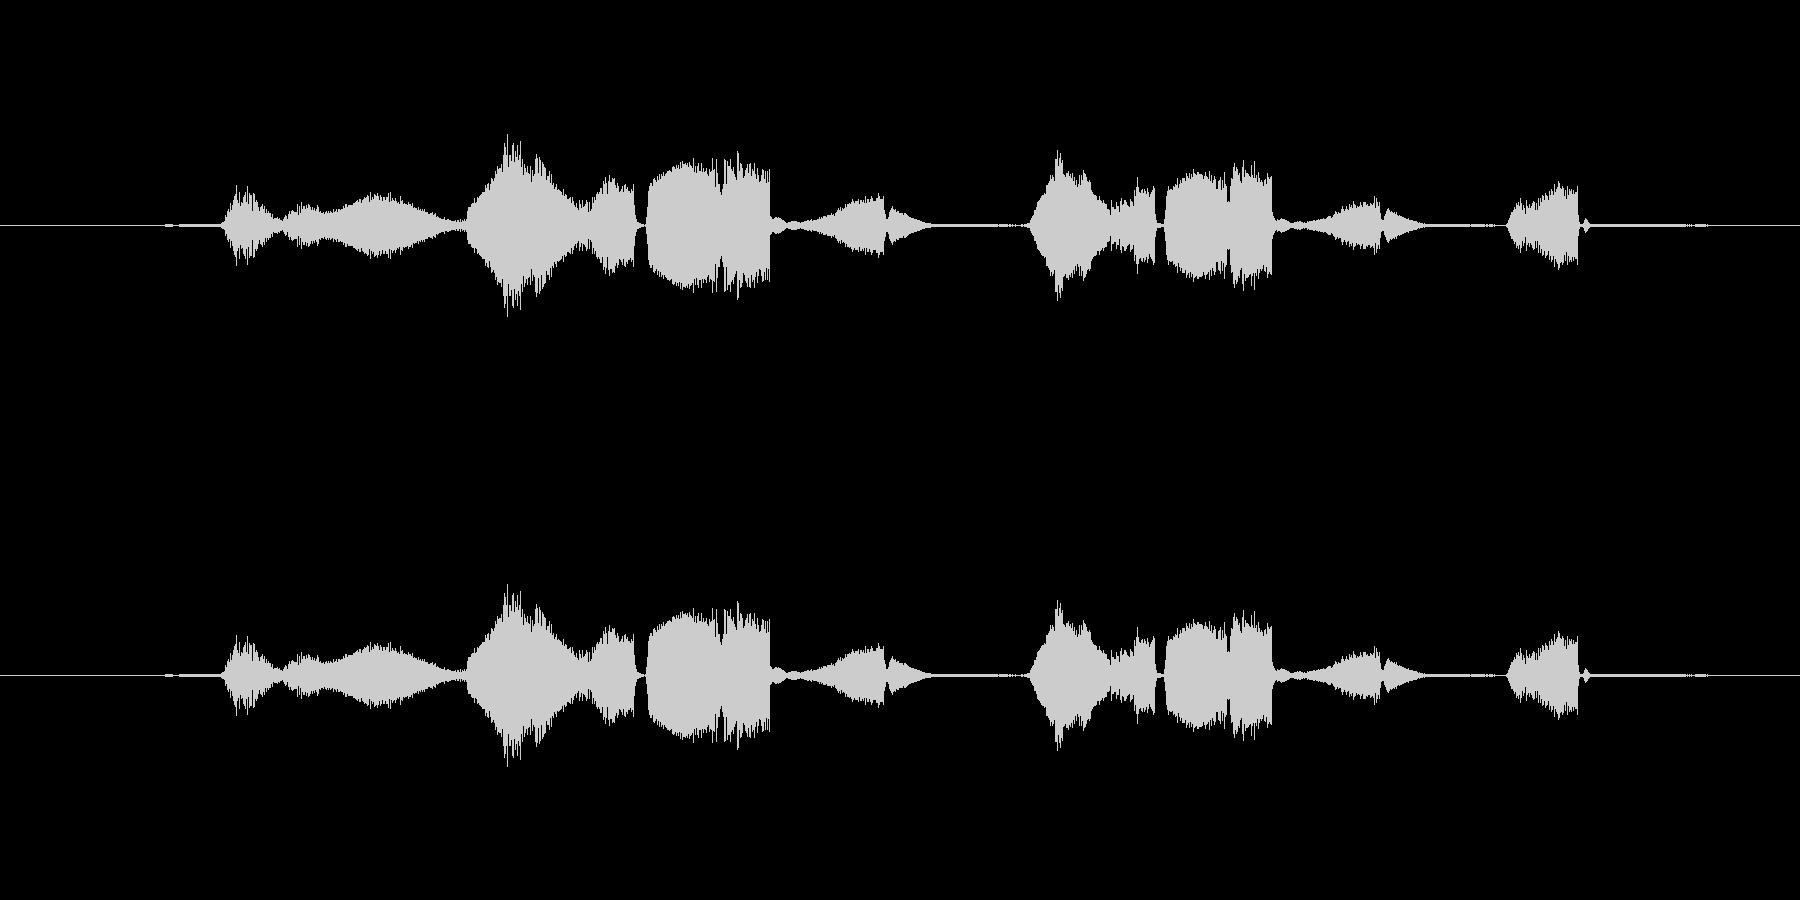 特撮 グリッチを確認02の未再生の波形